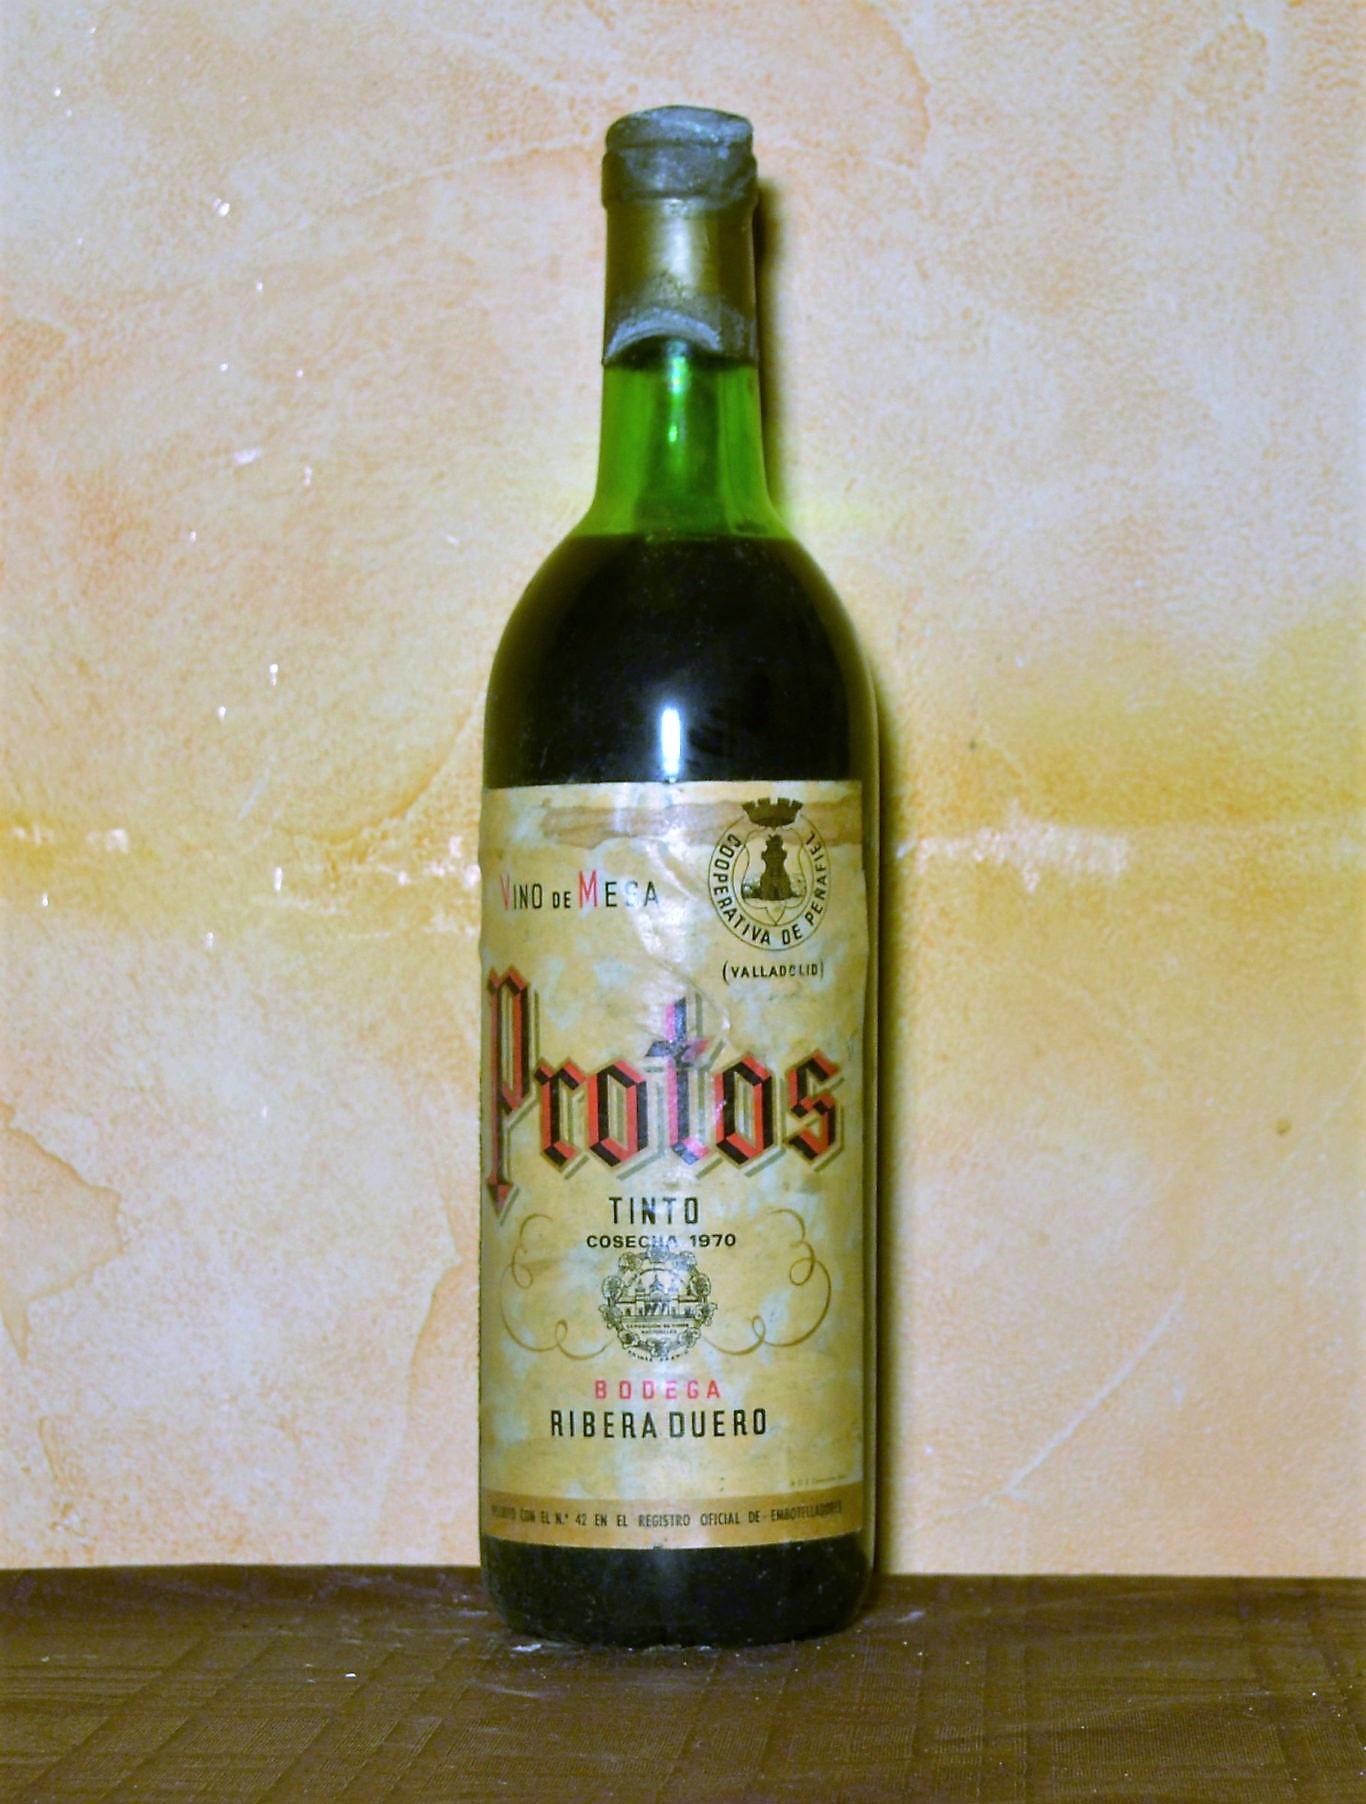 Protos 1970